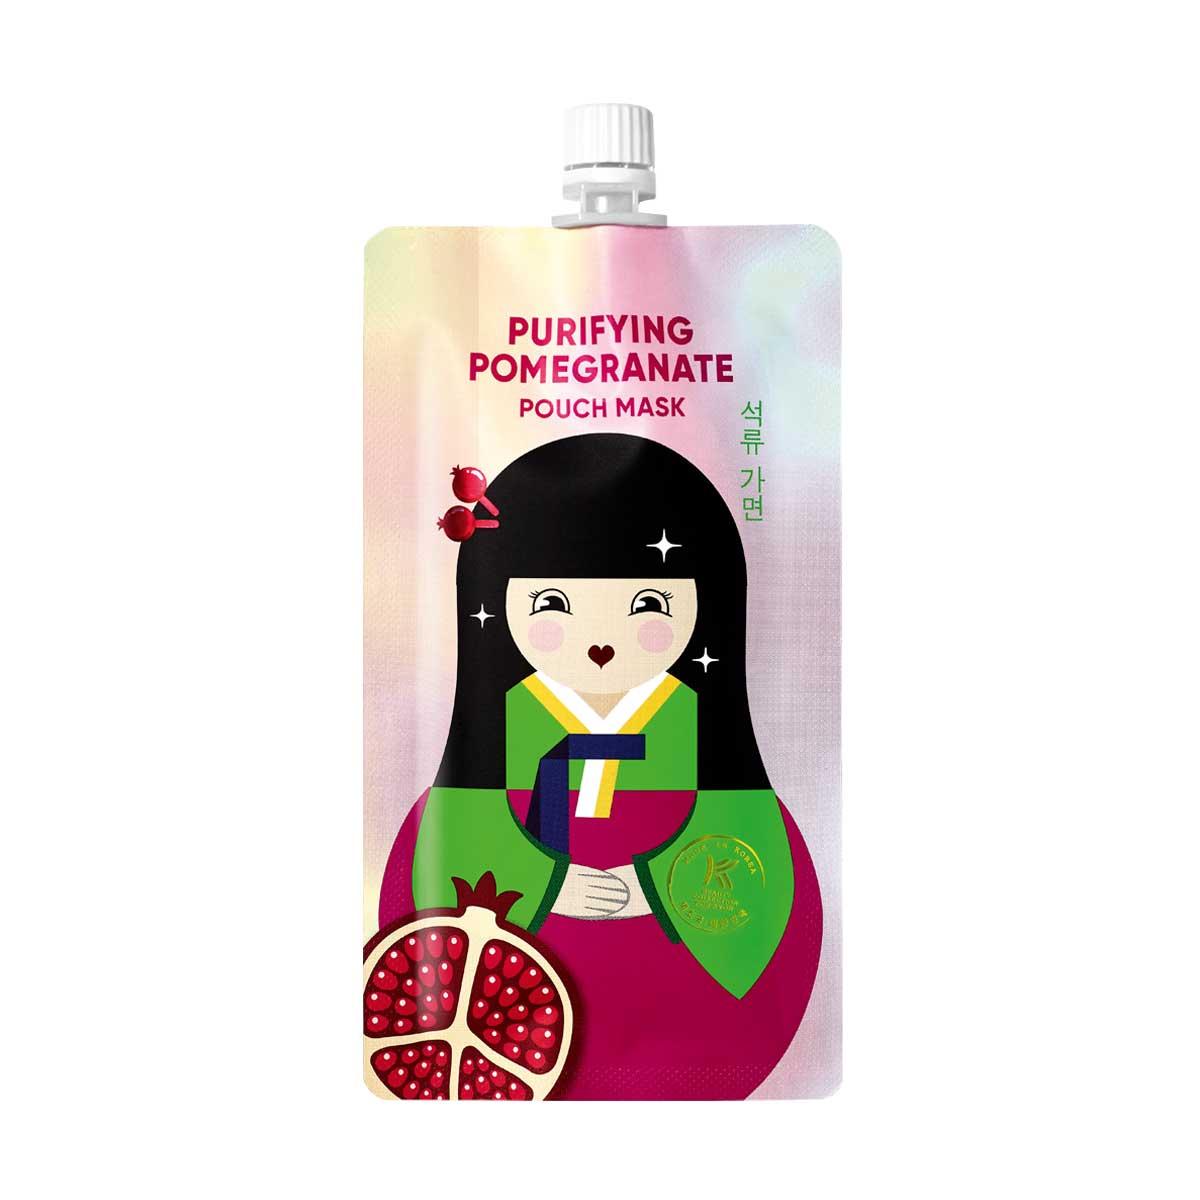 ينظف البشرة K-Beauty ماسك بمستخلصات الرمان 1318229 10ml